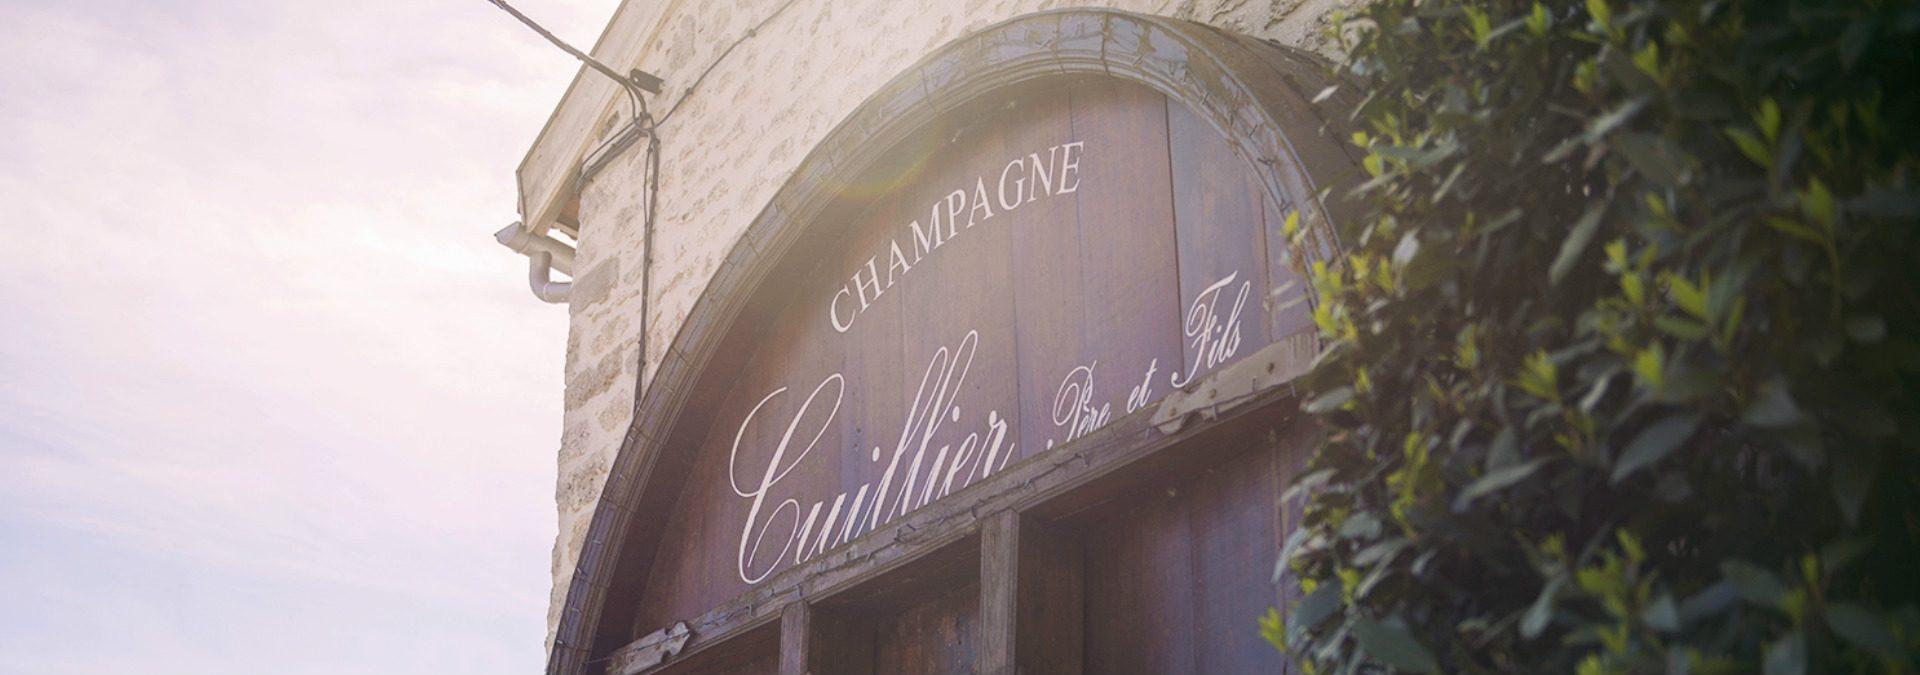 Champagne Cuillier Père & Fils